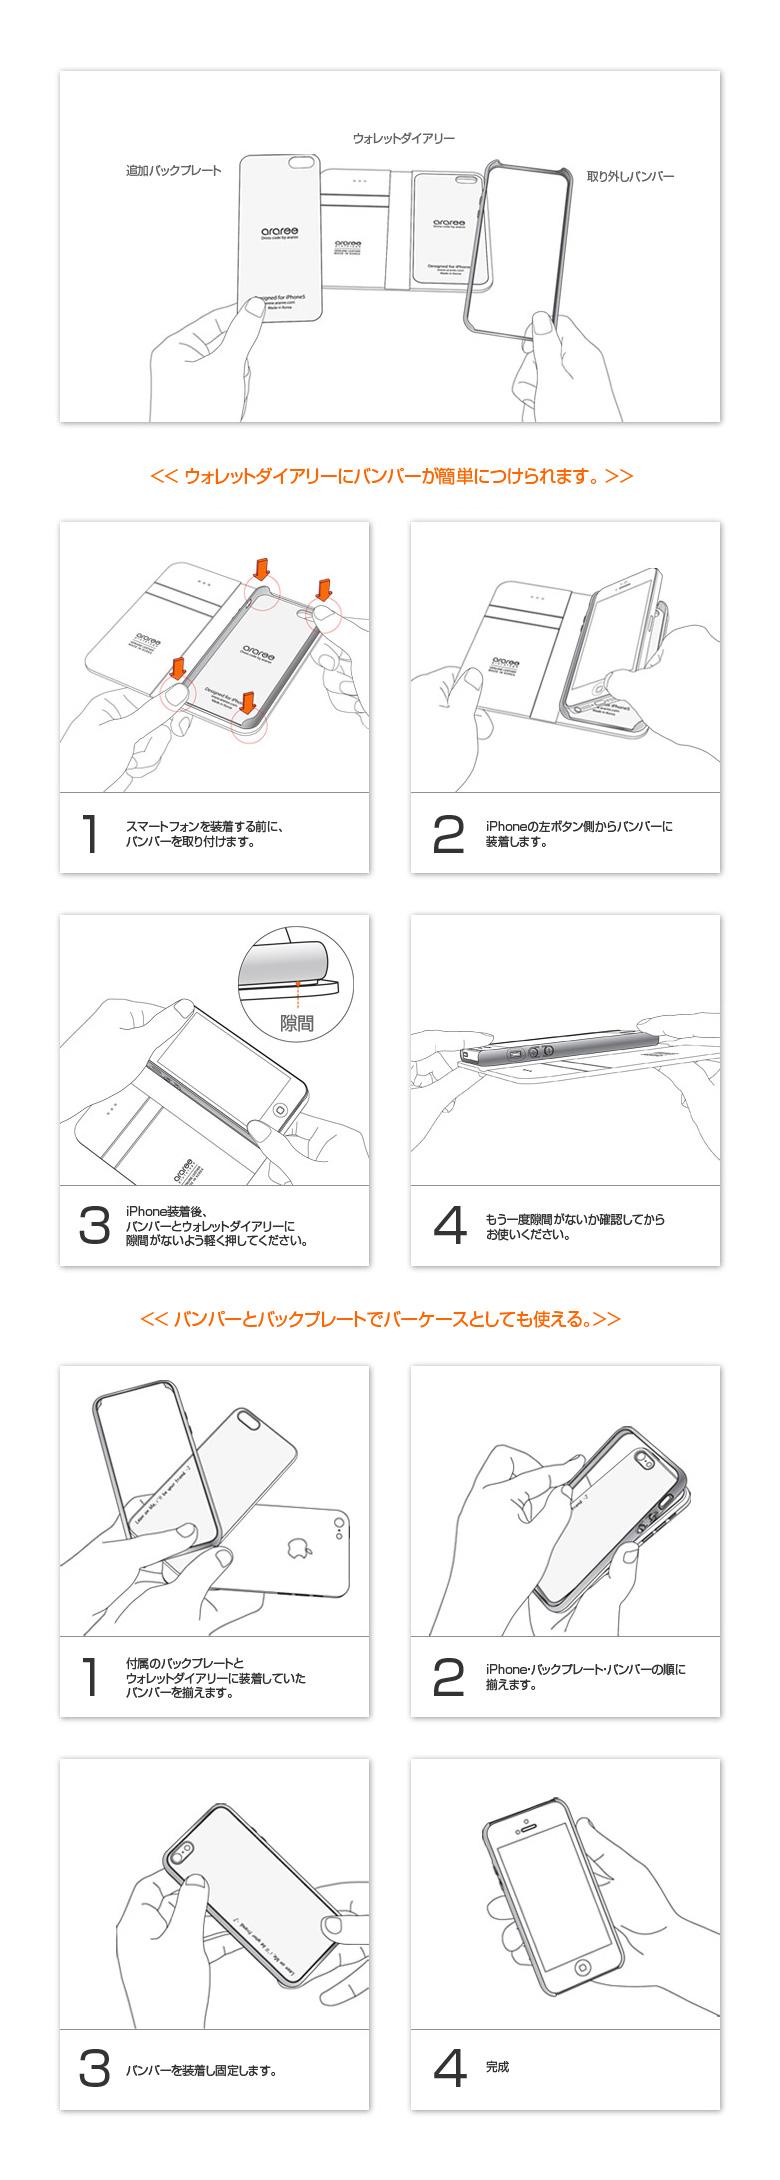 取り扱い方法iPhone5/5s ケースBlossom Diary (ブロッサムダイアリー)